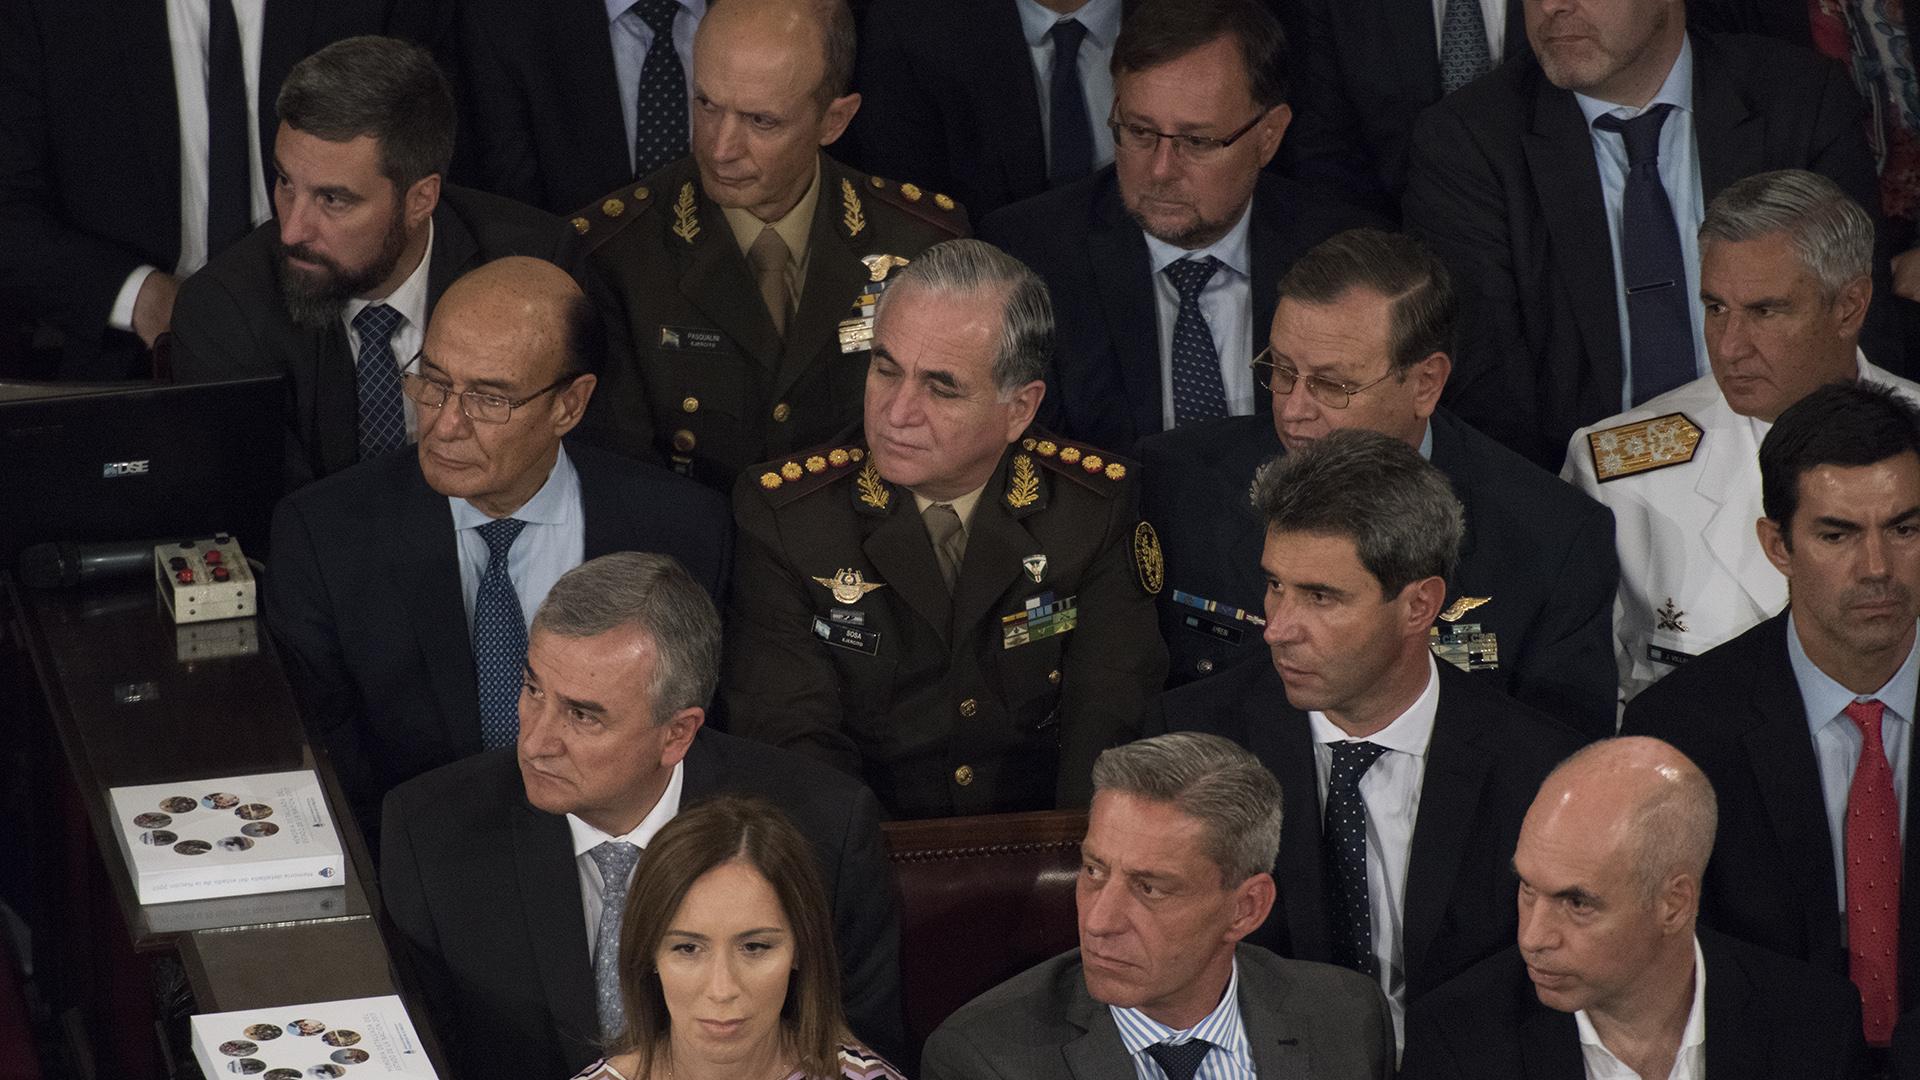 En el fondo, el flamante jefe del Ejército Claudio Pasqualini